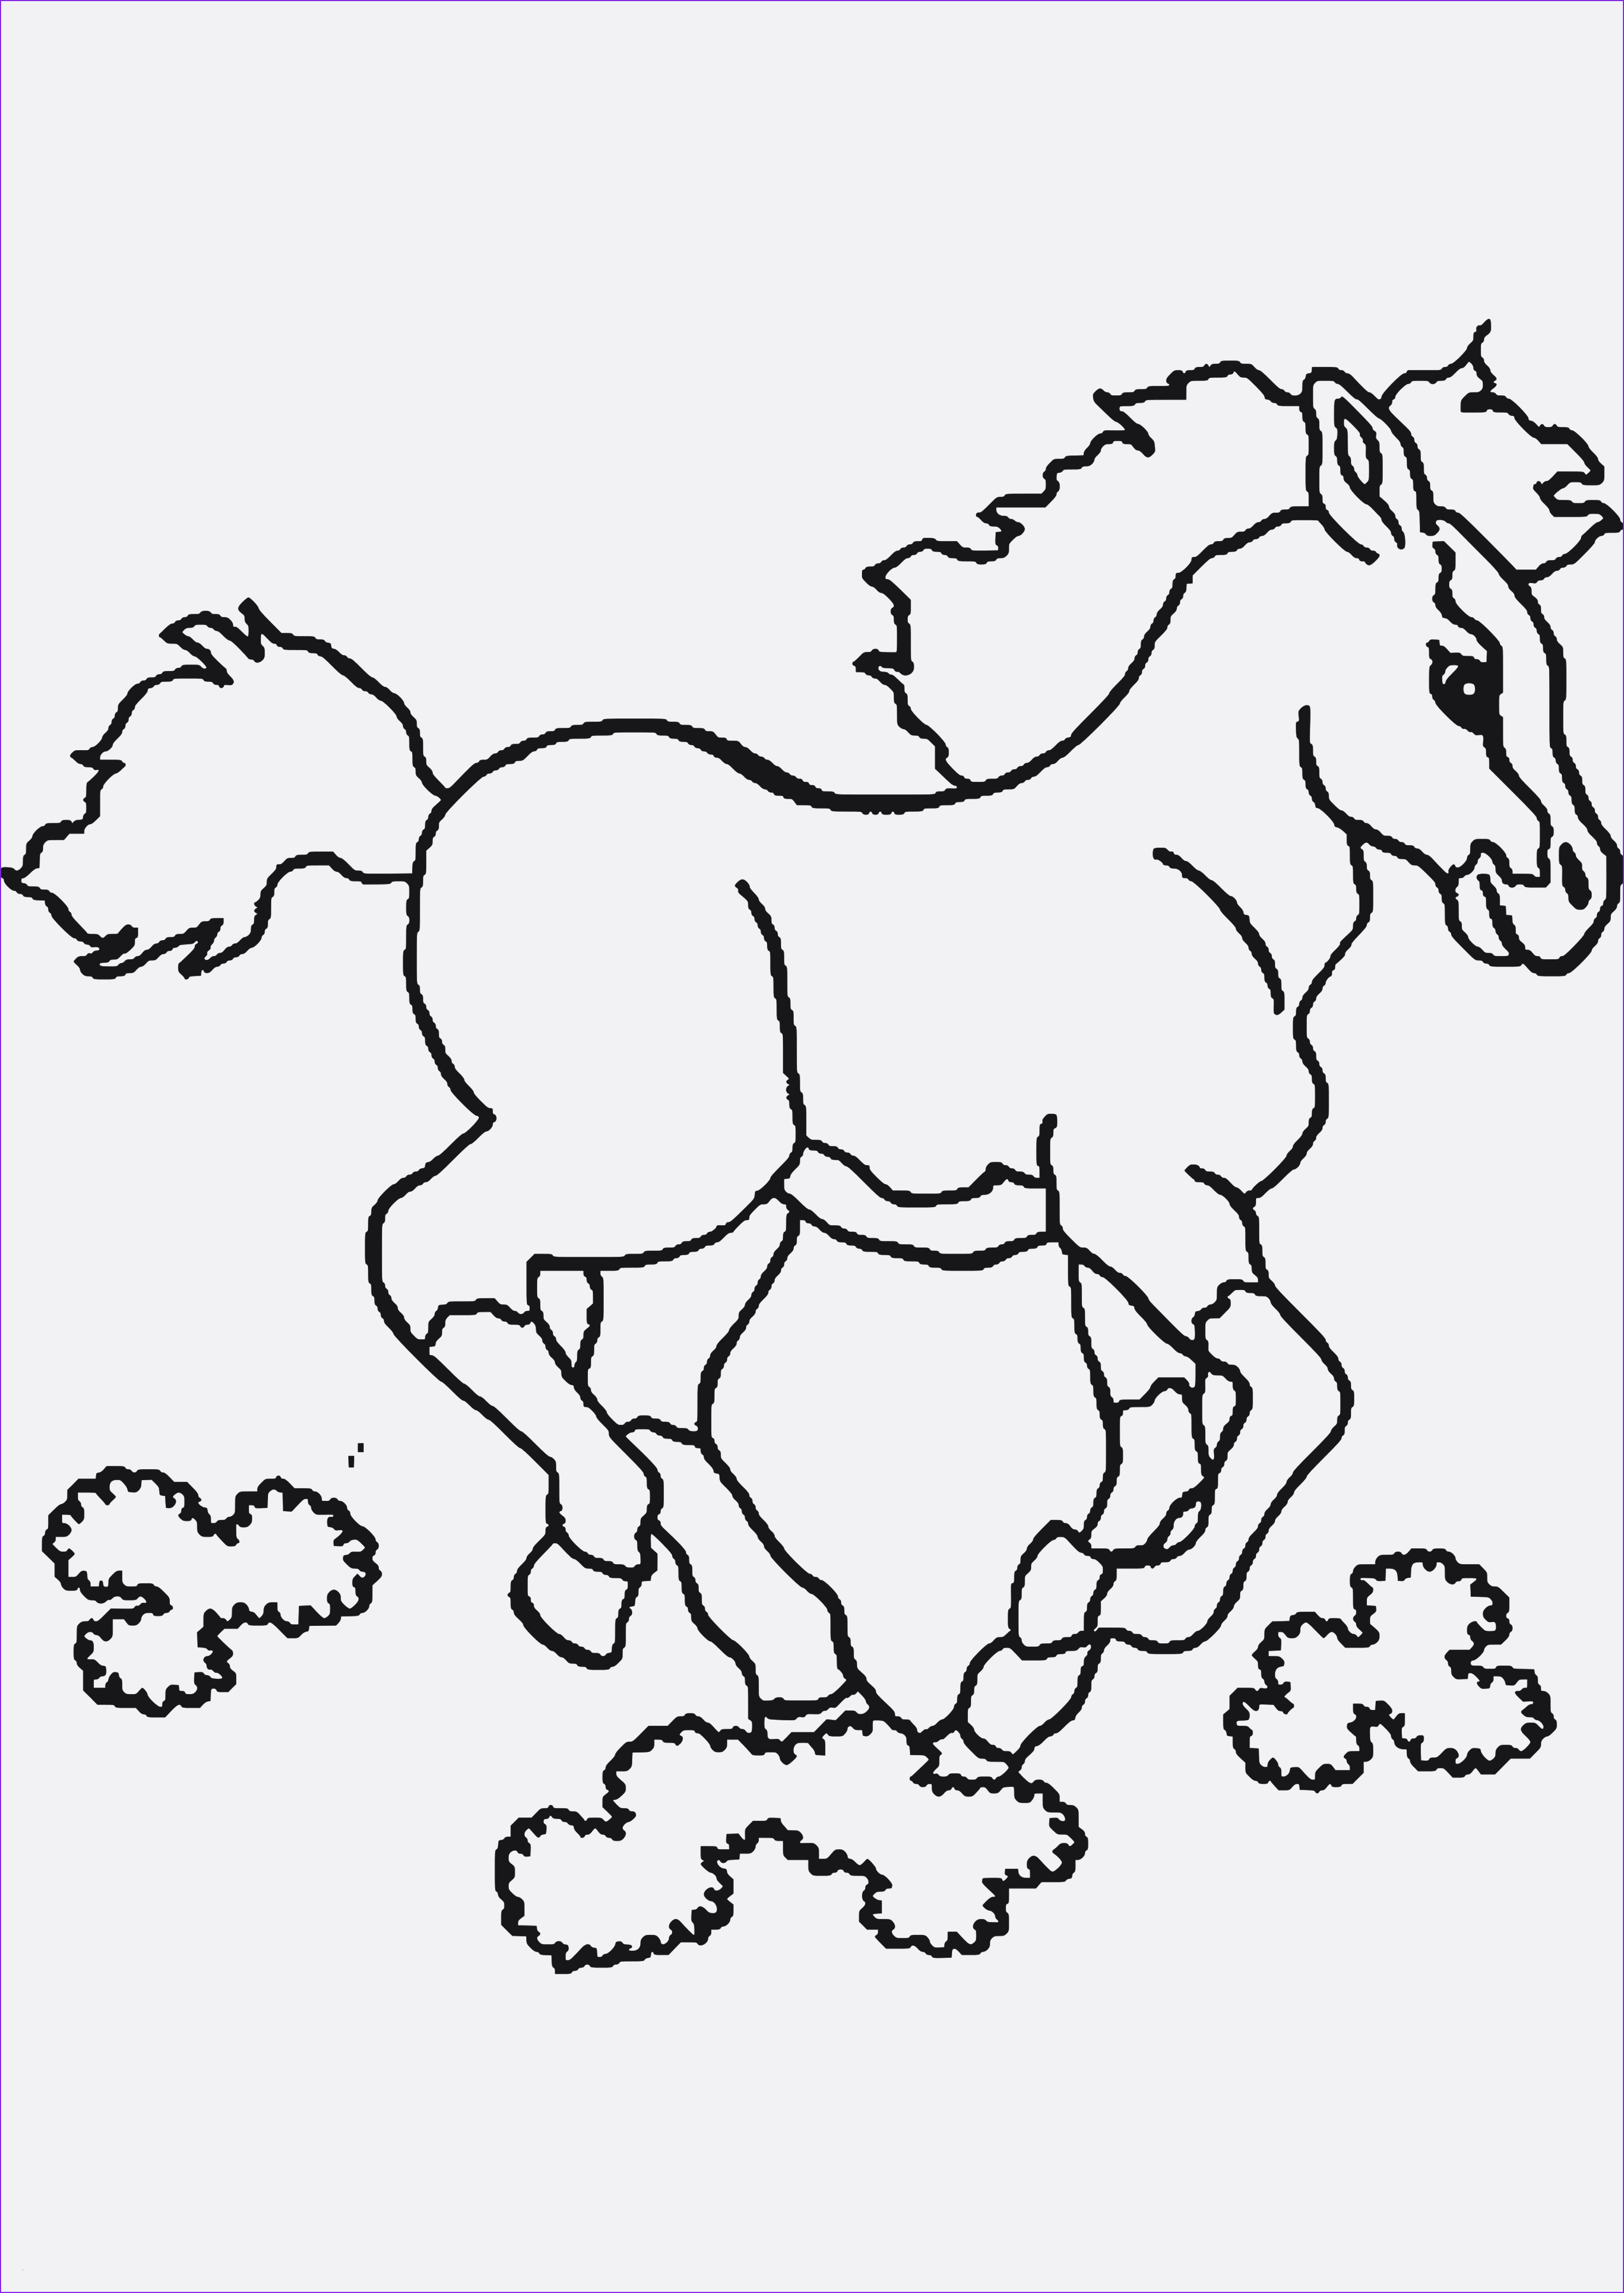 Ausmalbilder Pferde Mit Fohlen Einzigartig 38 Ausmalbilder Pferde Mit Fohlen Scoredatscore Luxus Pferde Bilder